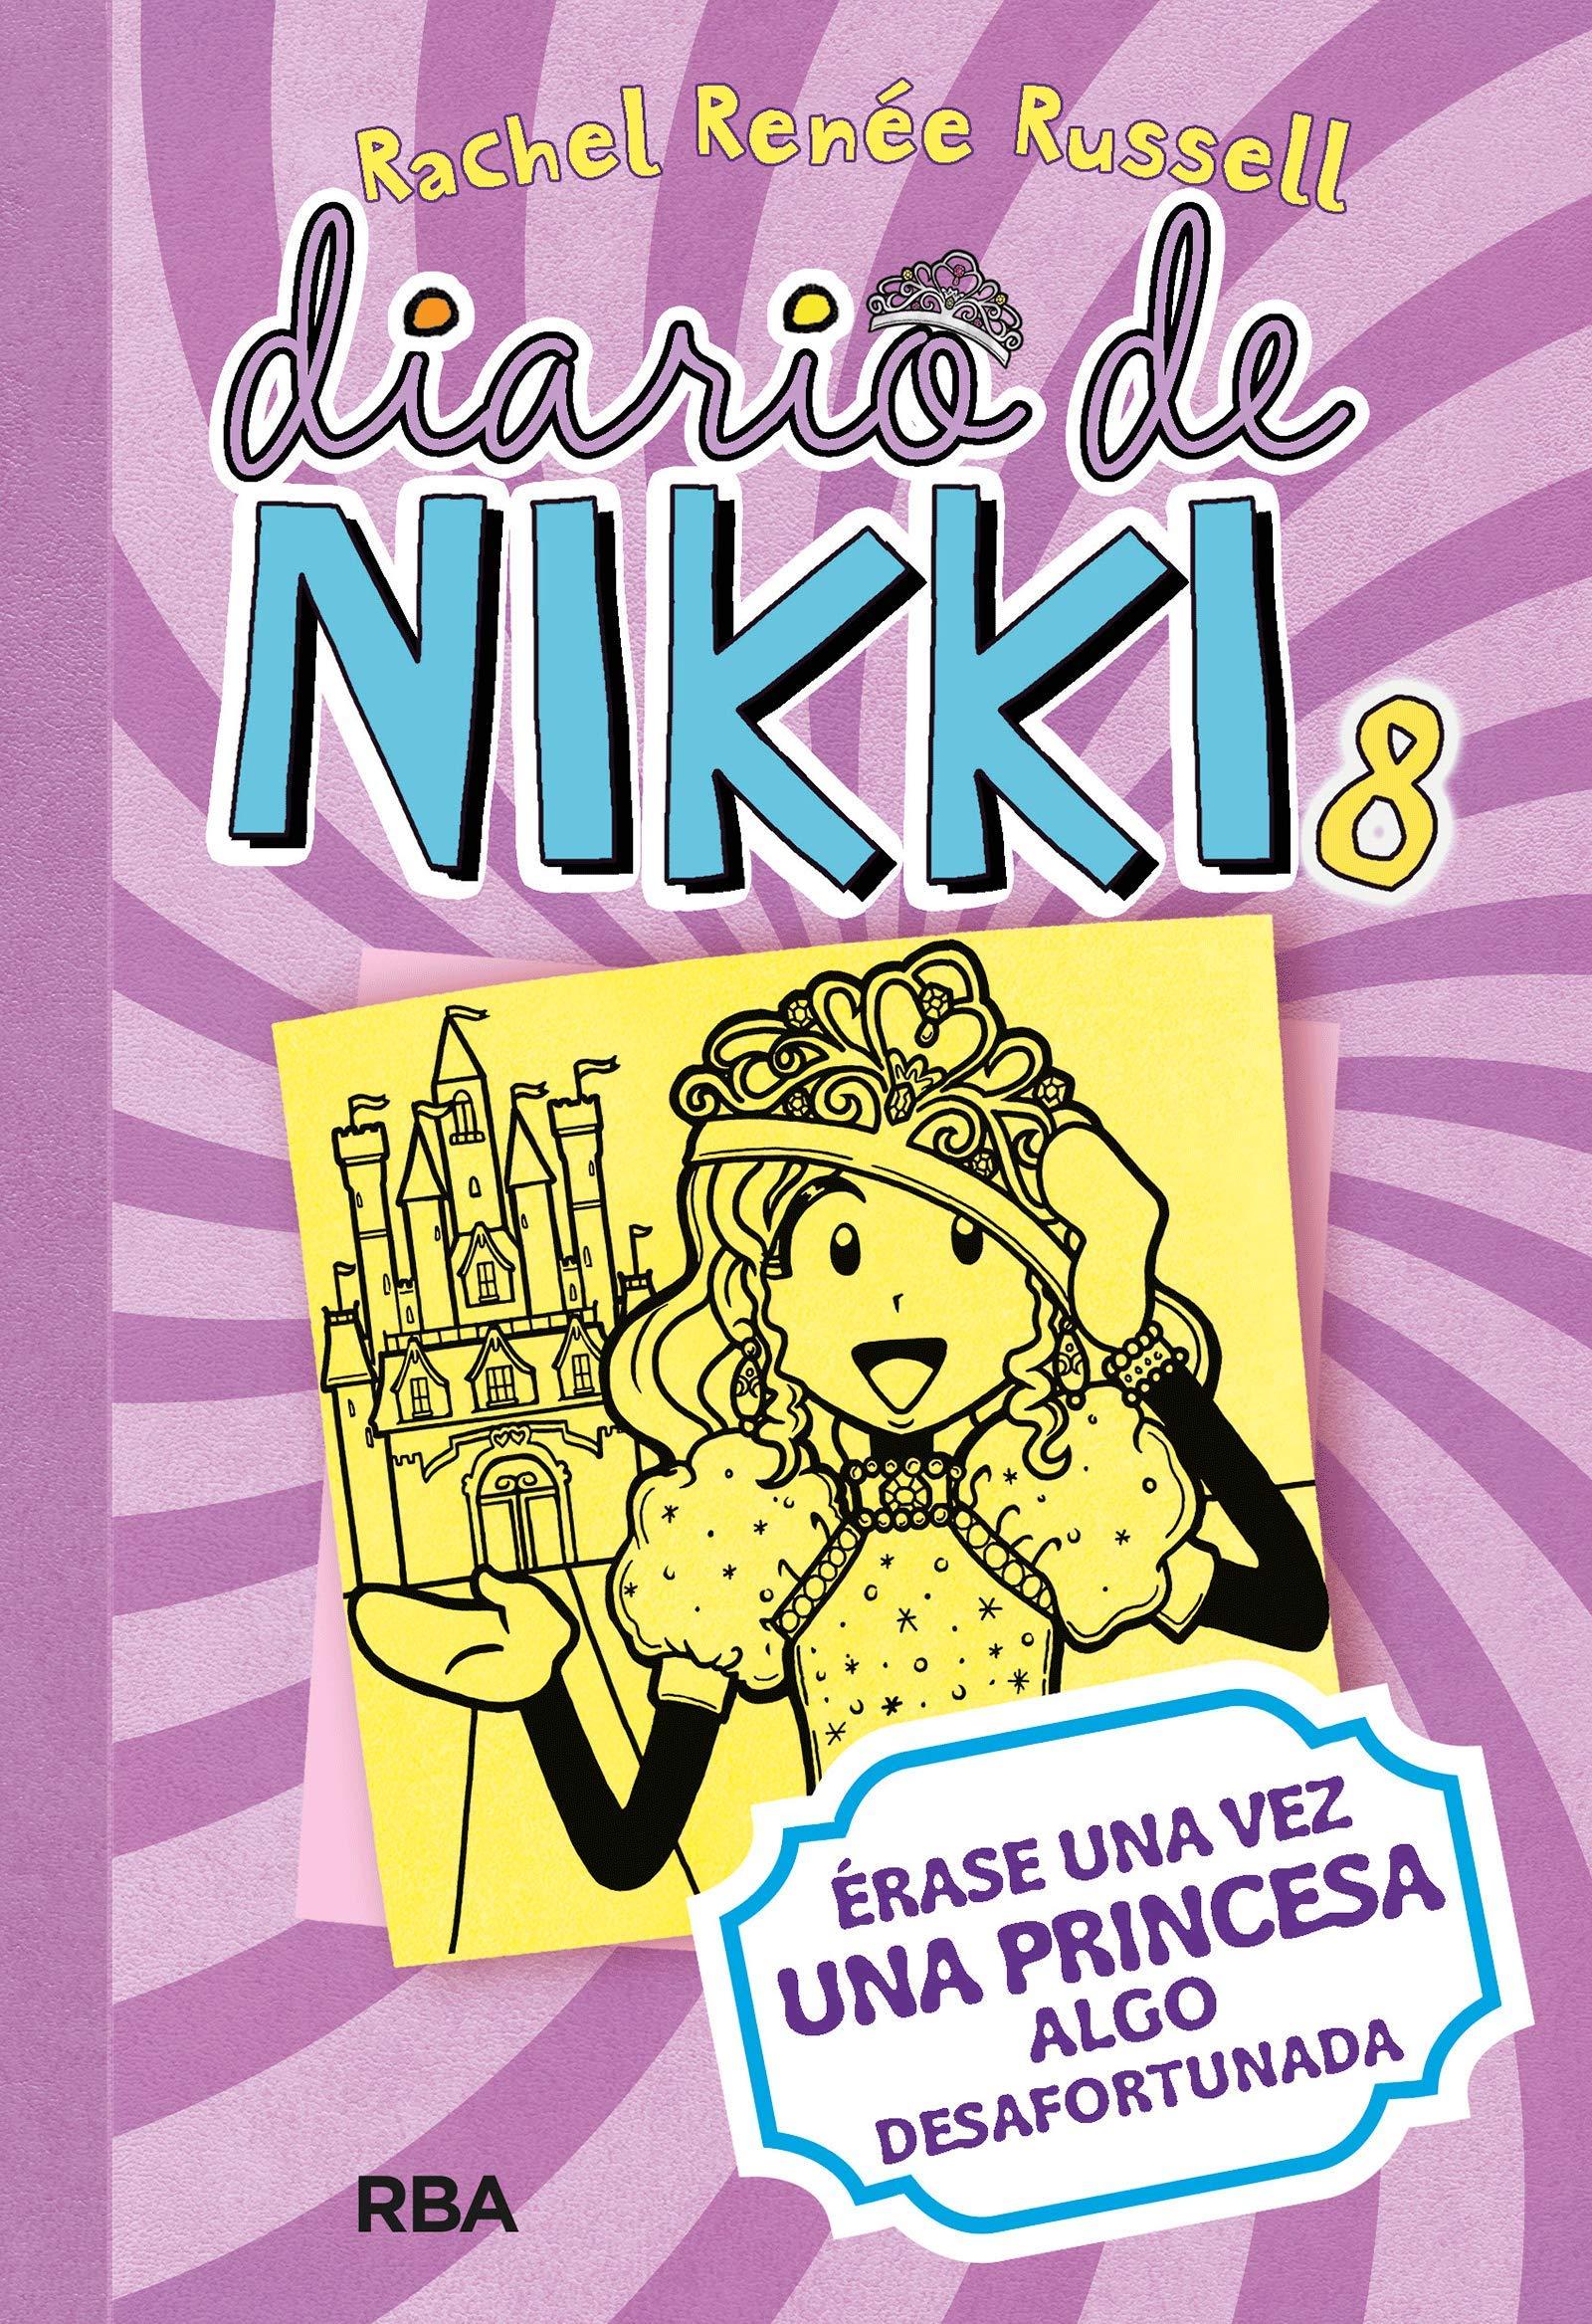 Diario de Nikki 8